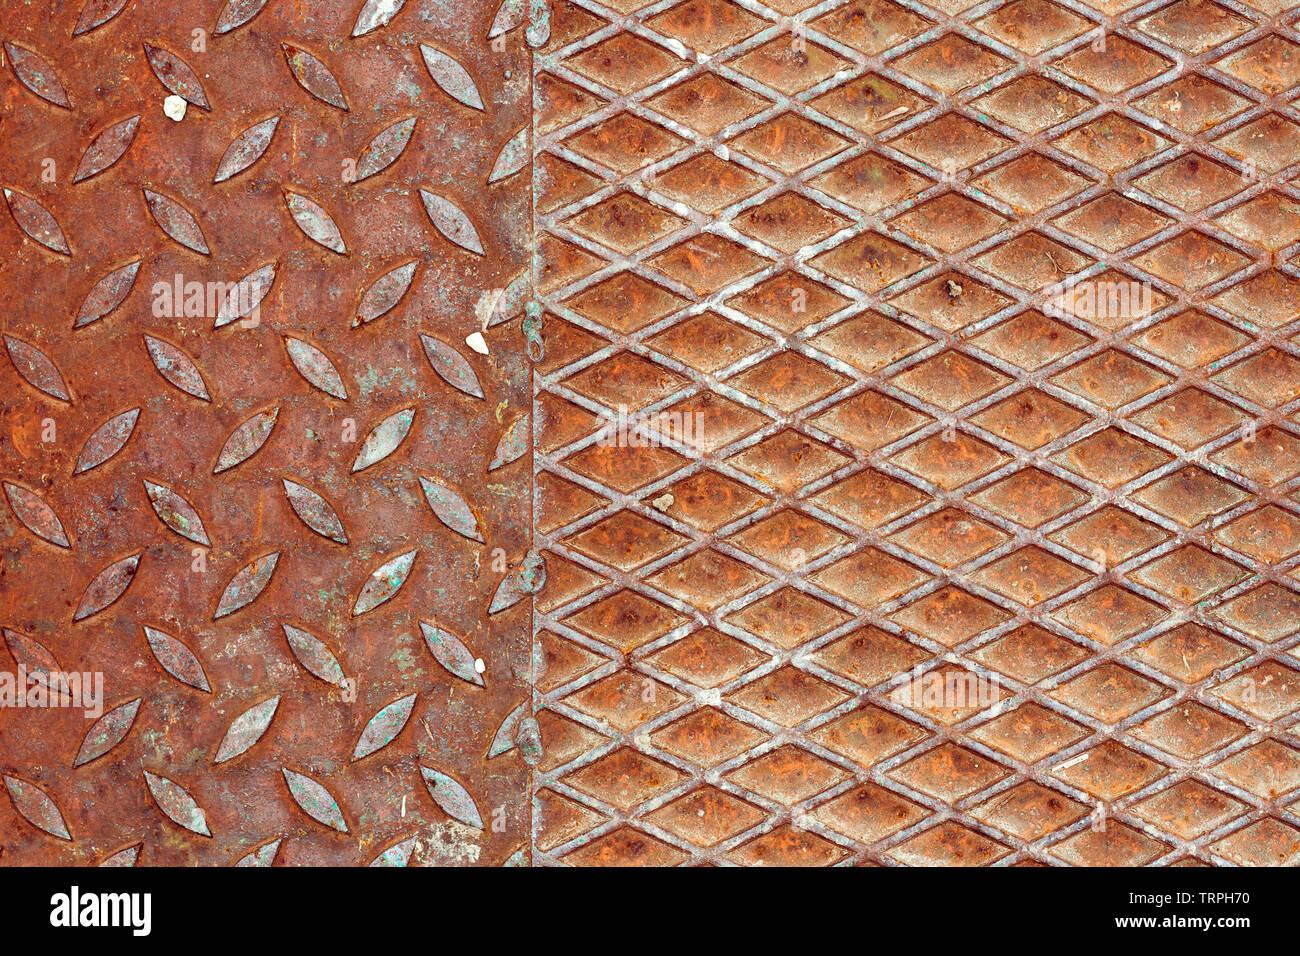 Rostiges Metall rutschfeste Oberfläche Textur, abstrakte industriellen Hintergrund Stockbild